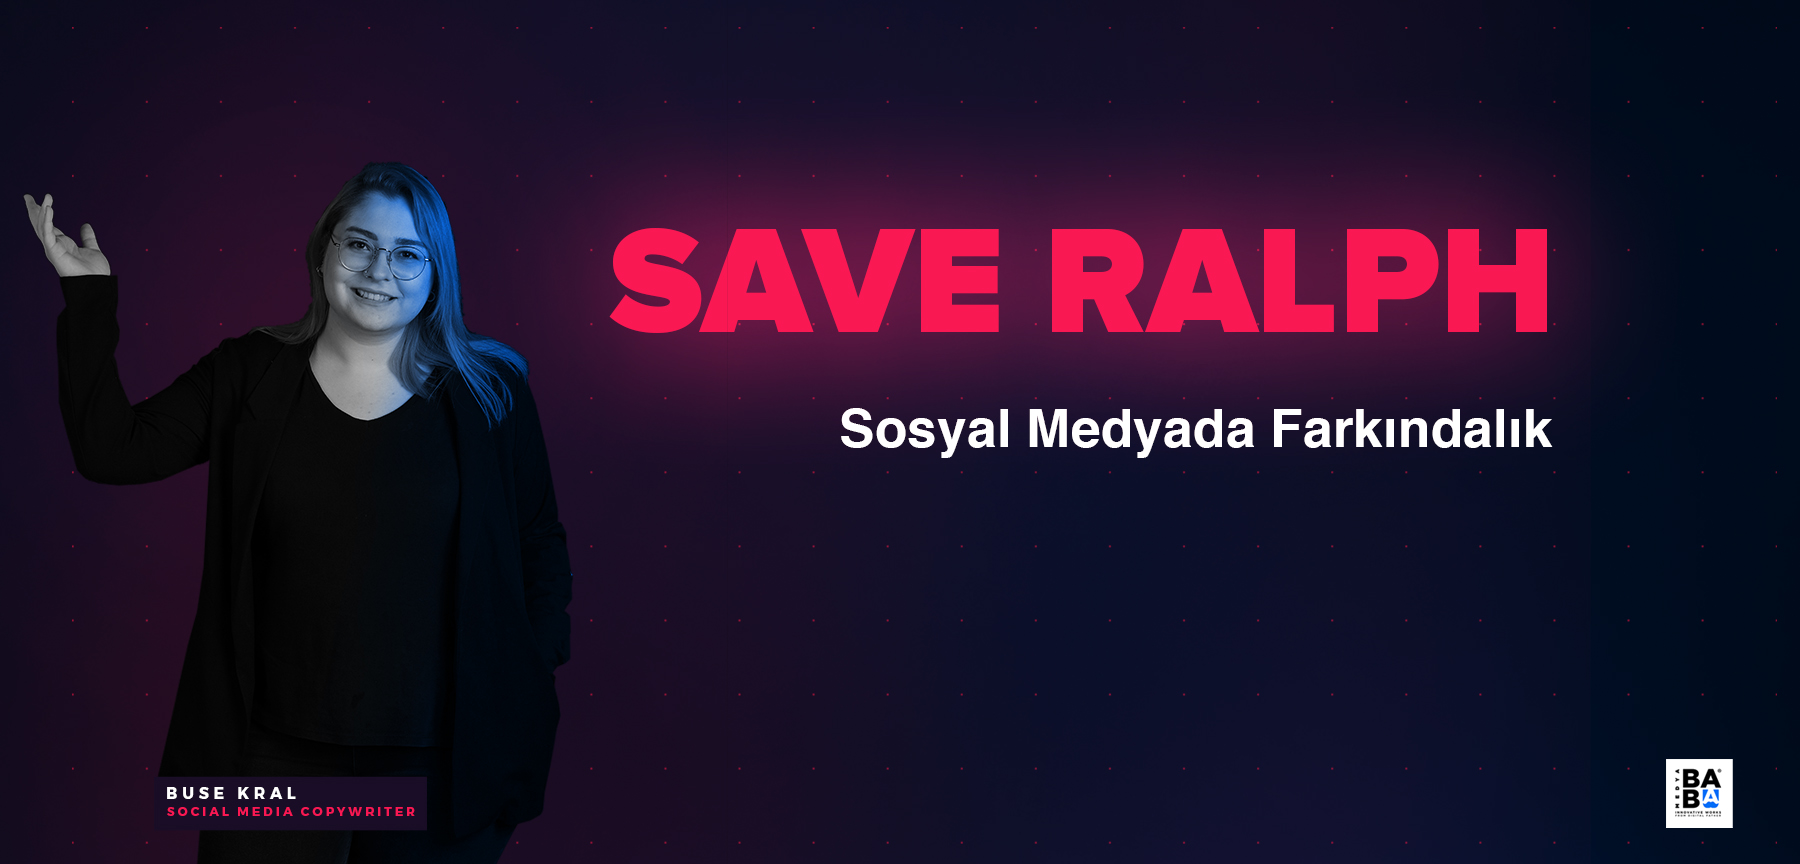 Save Ralph - Sosyal Medyada Farkındalık